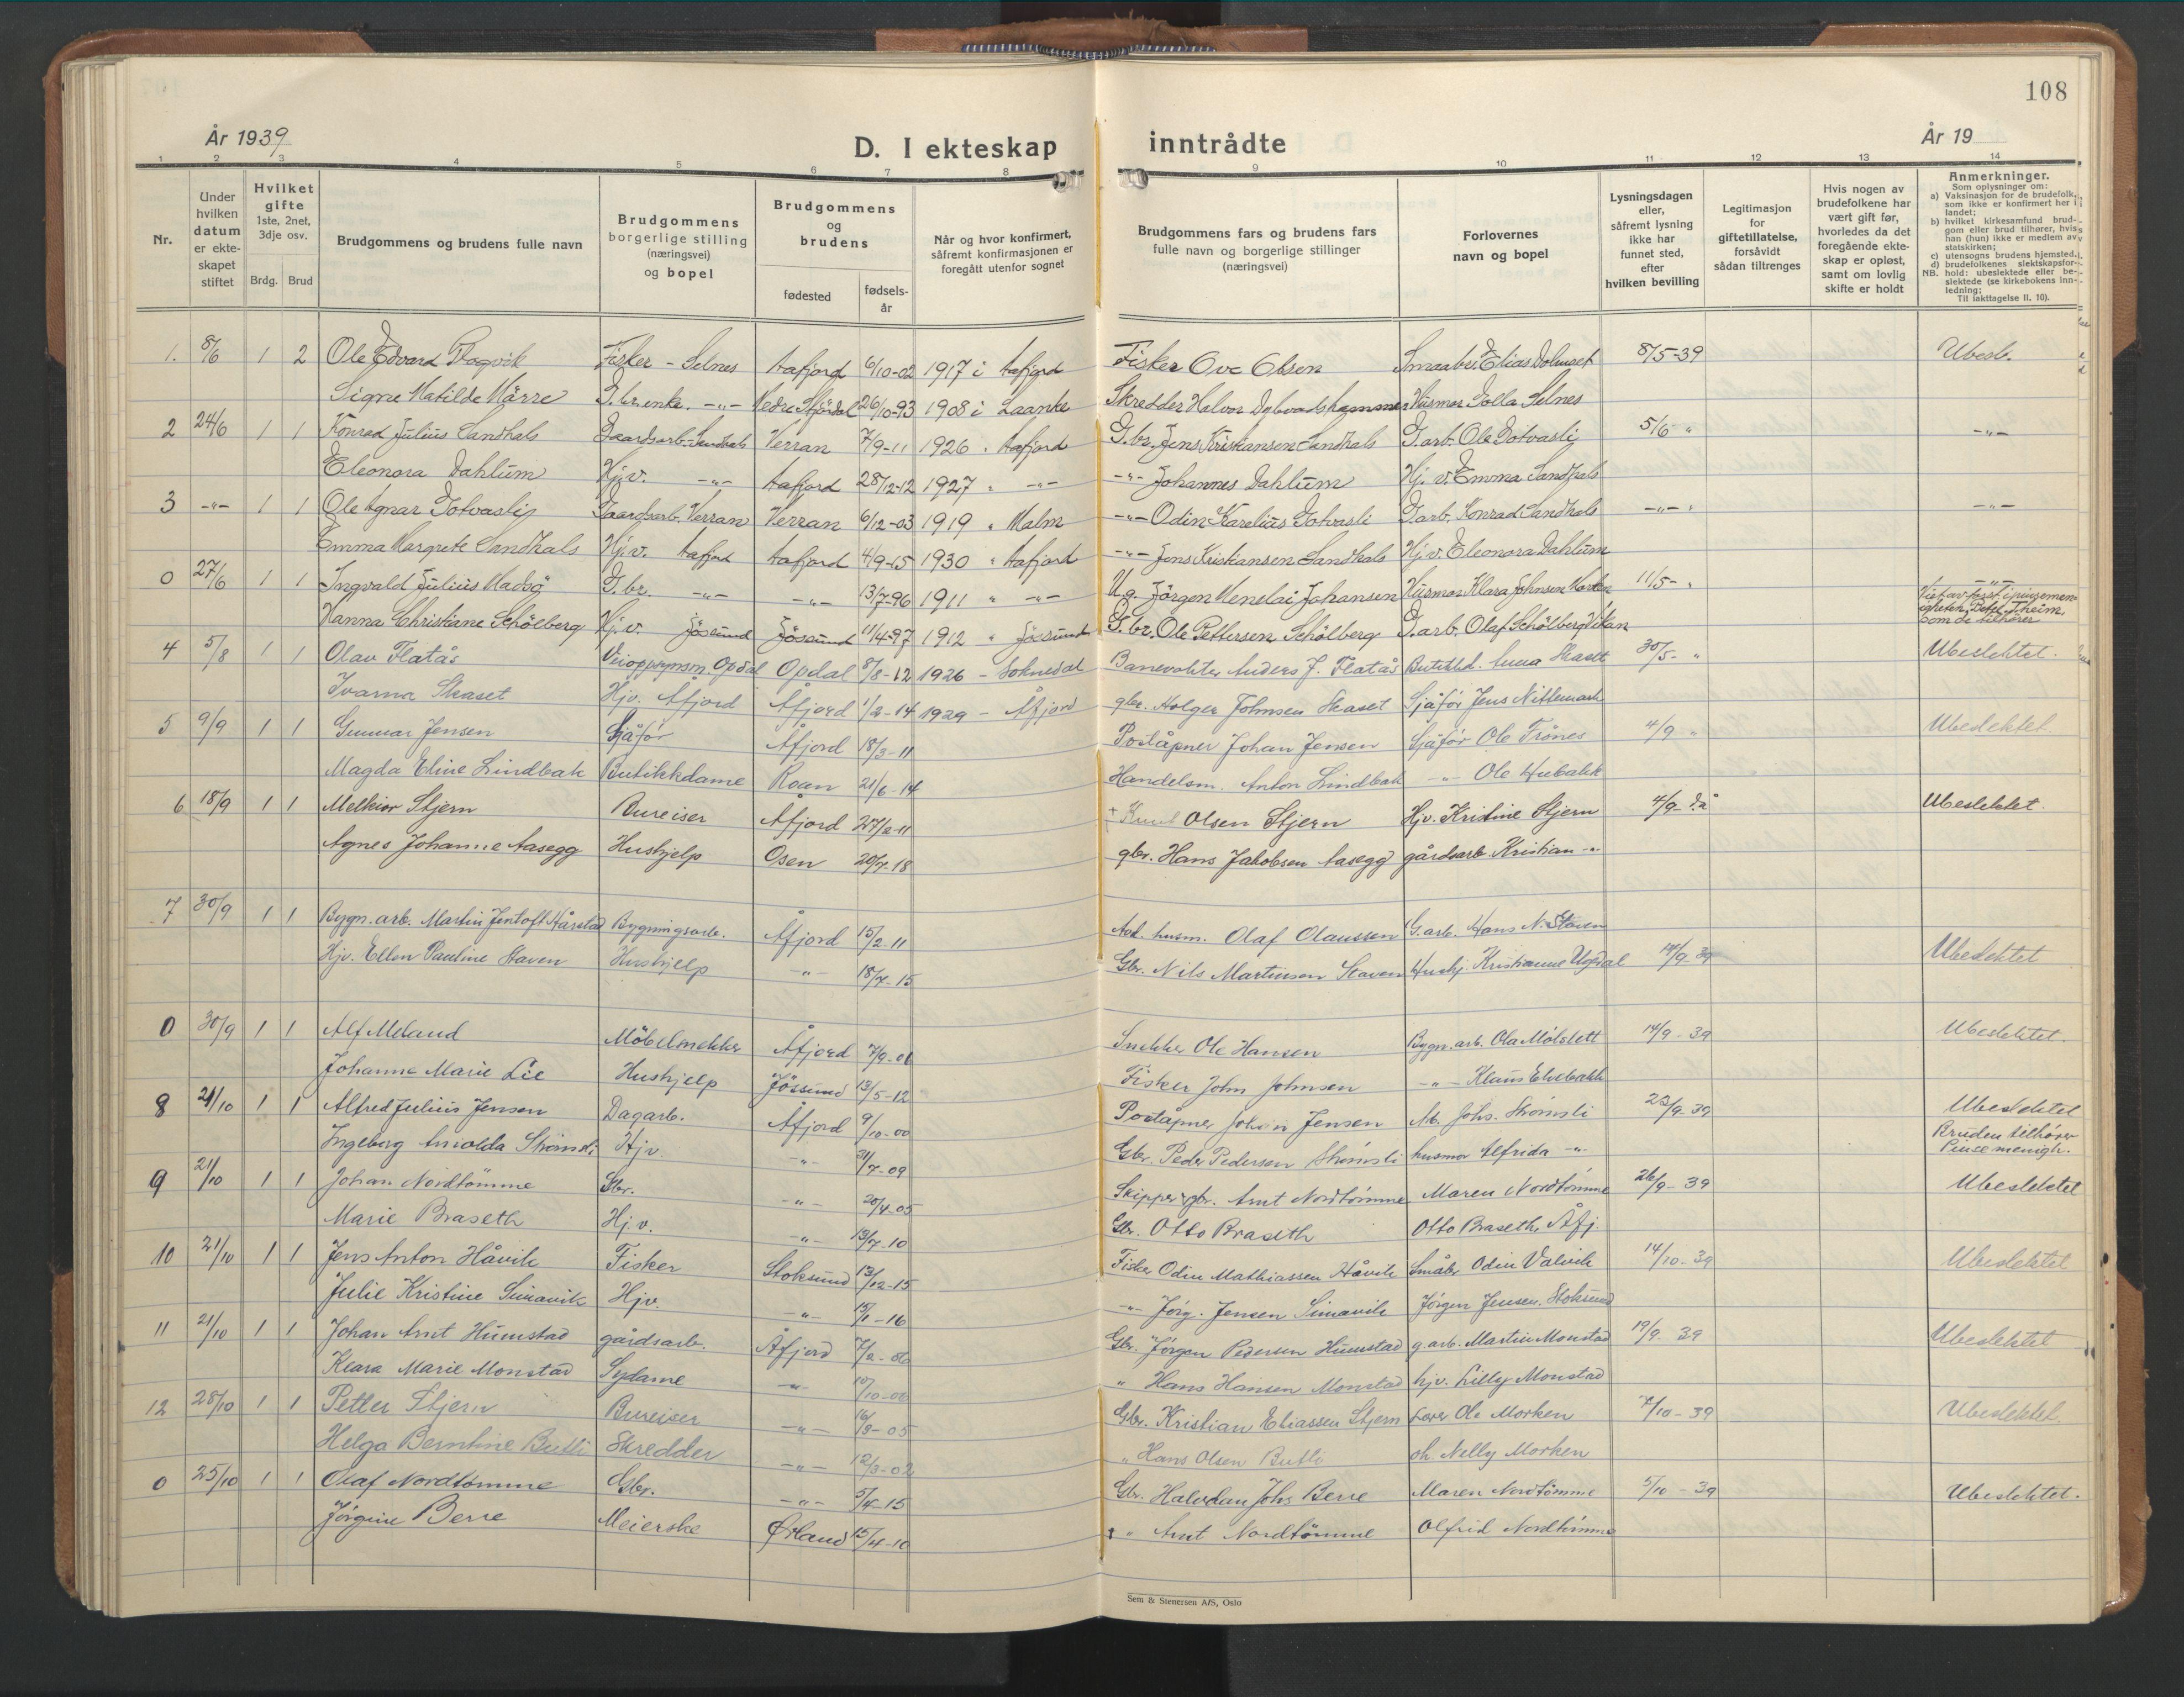 SAT, Ministerialprotokoller, klokkerbøker og fødselsregistre - Sør-Trøndelag, 655/L0690: Klokkerbok nr. 655C06, 1937-1950, s. 108